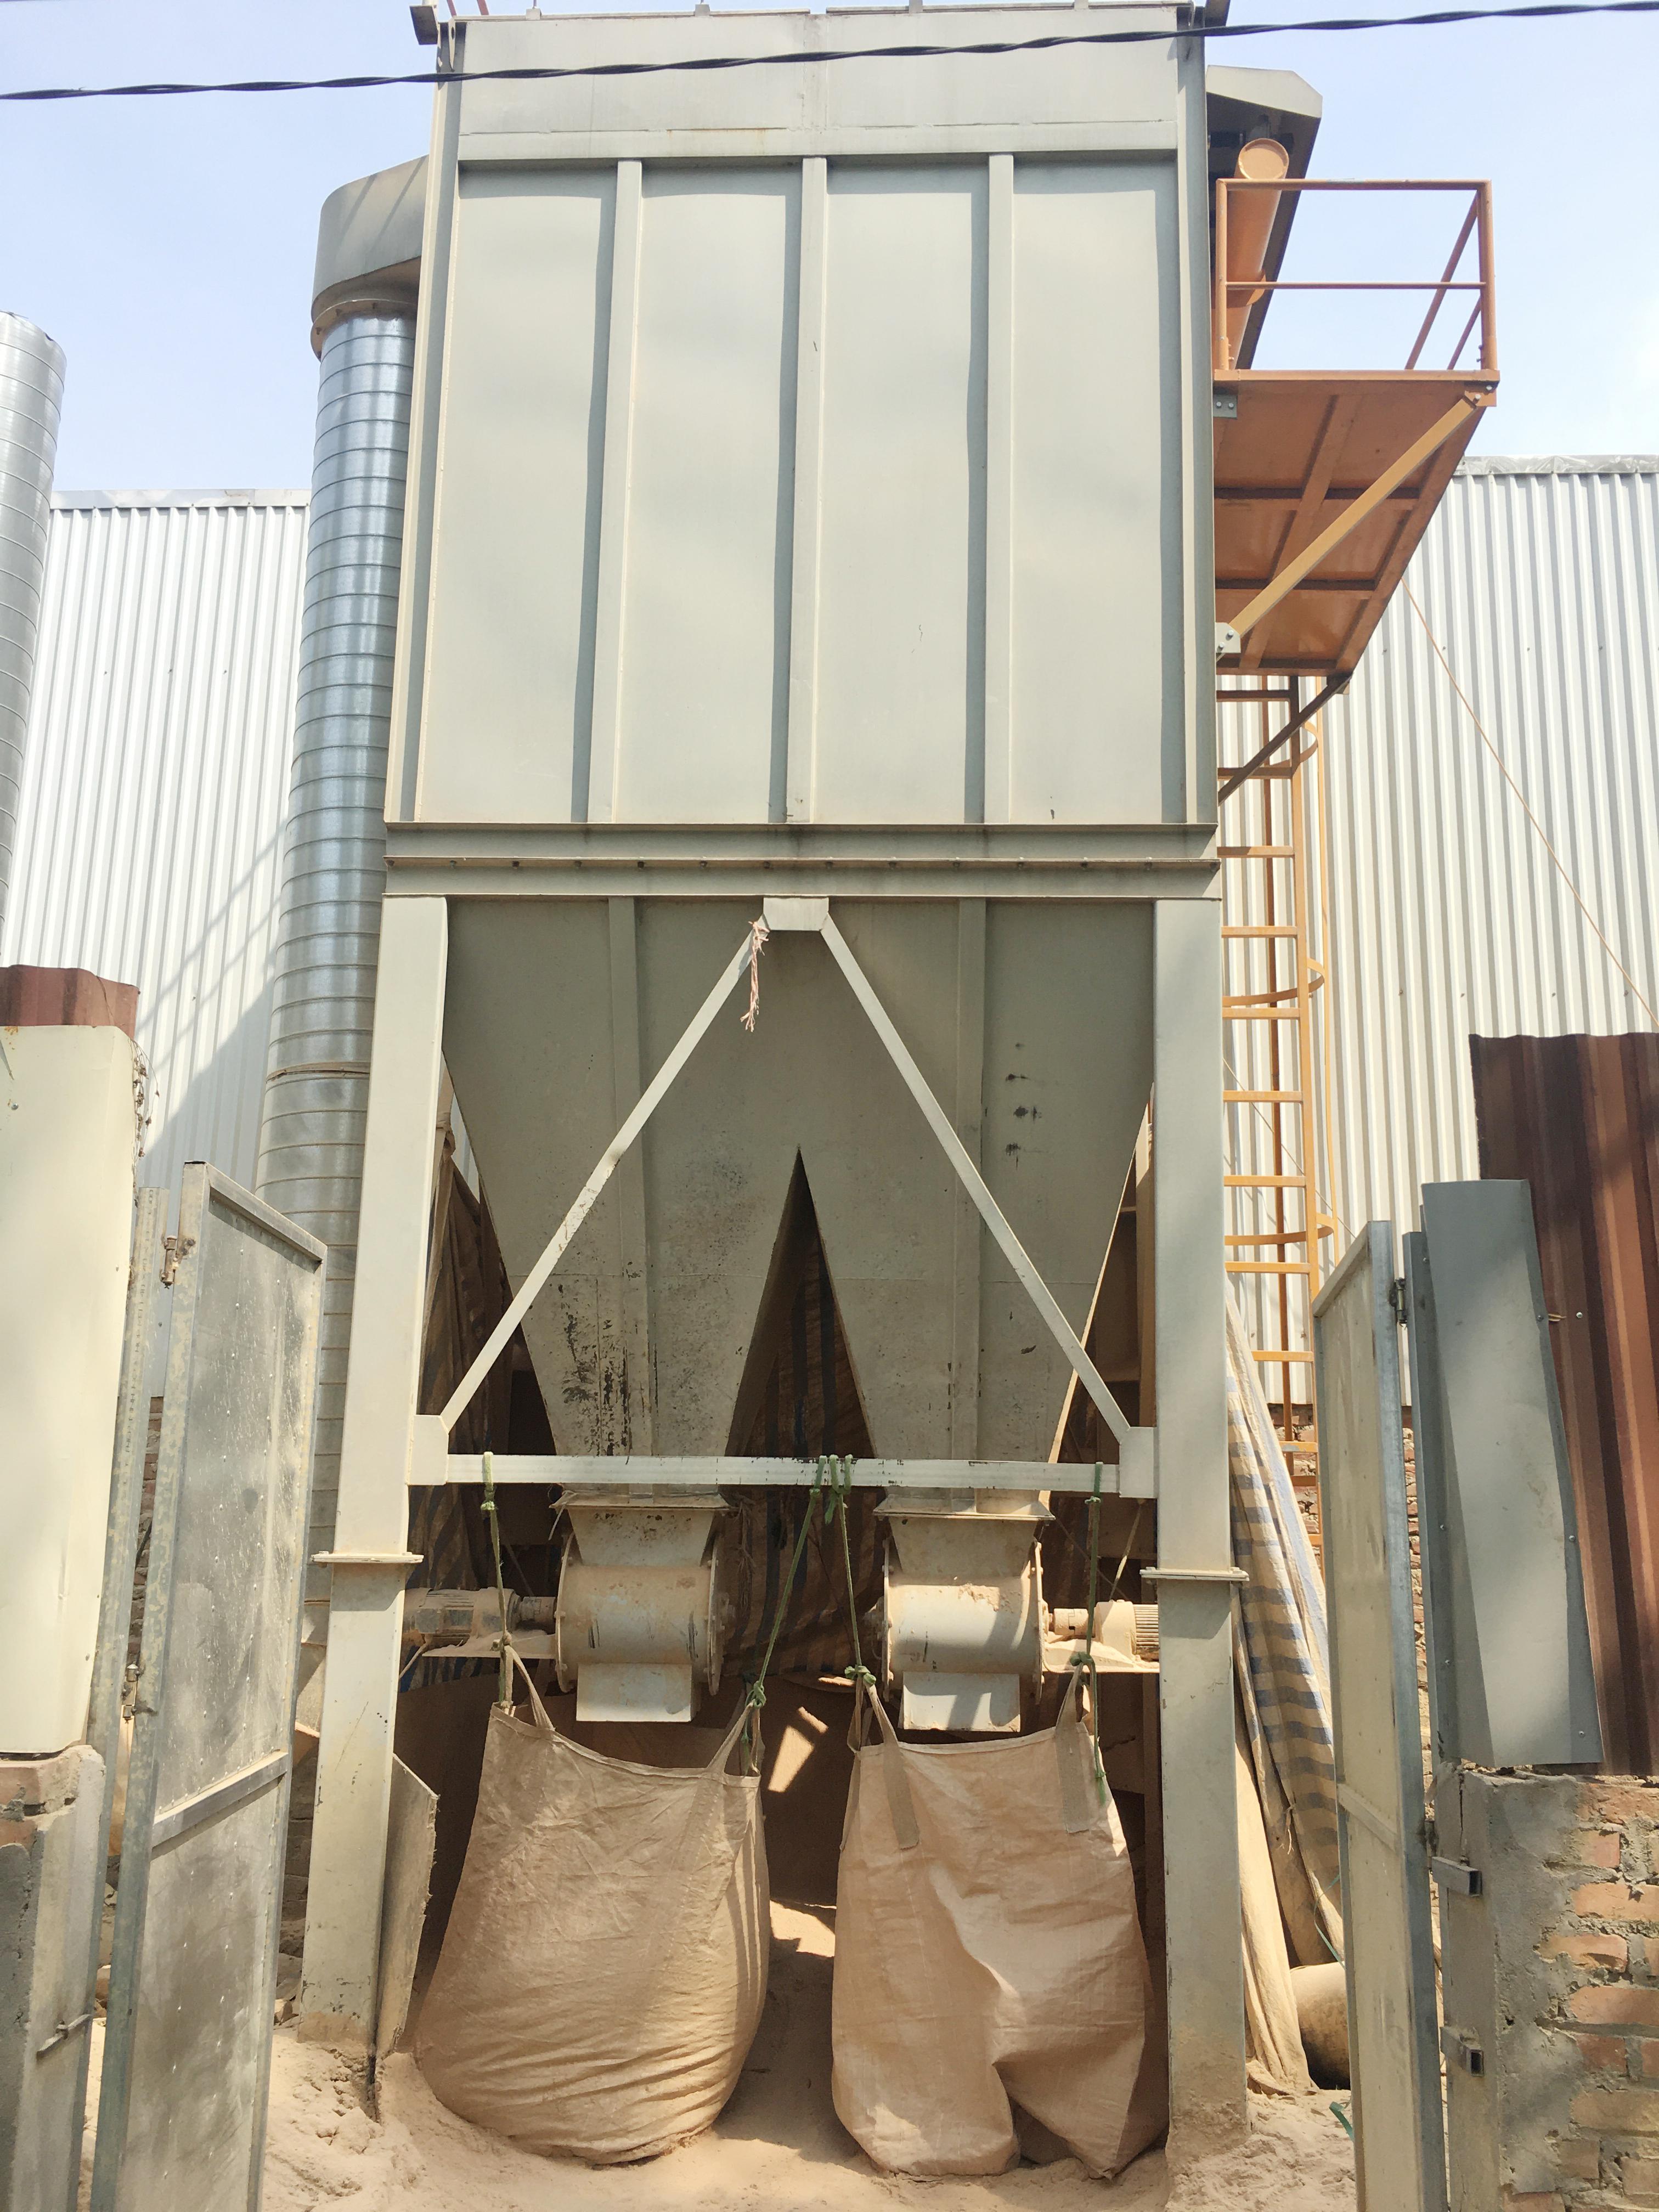 Bước 4: Nguyên liệu thô được đưa vào máy để xay thành bột gỗ